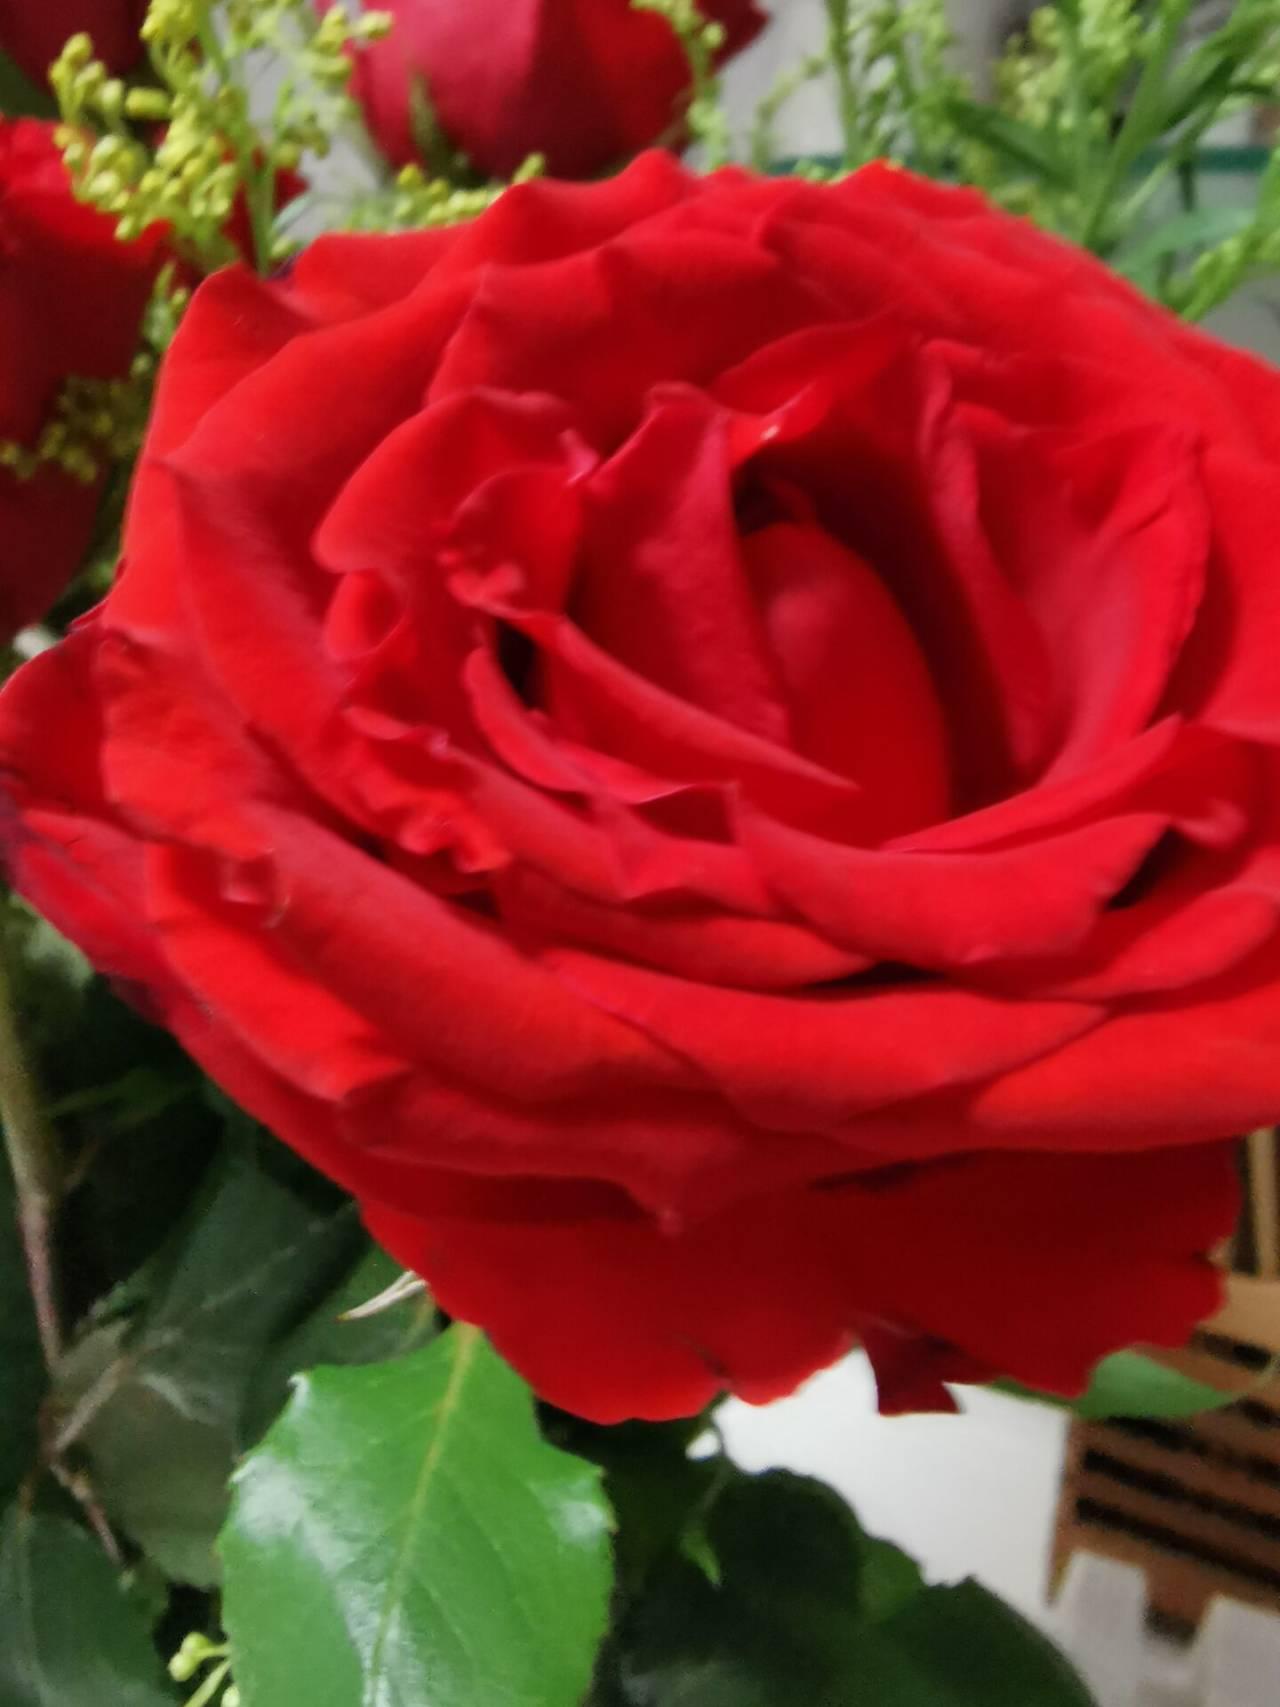 看花老眼之瓶中玫瑰2.jpg